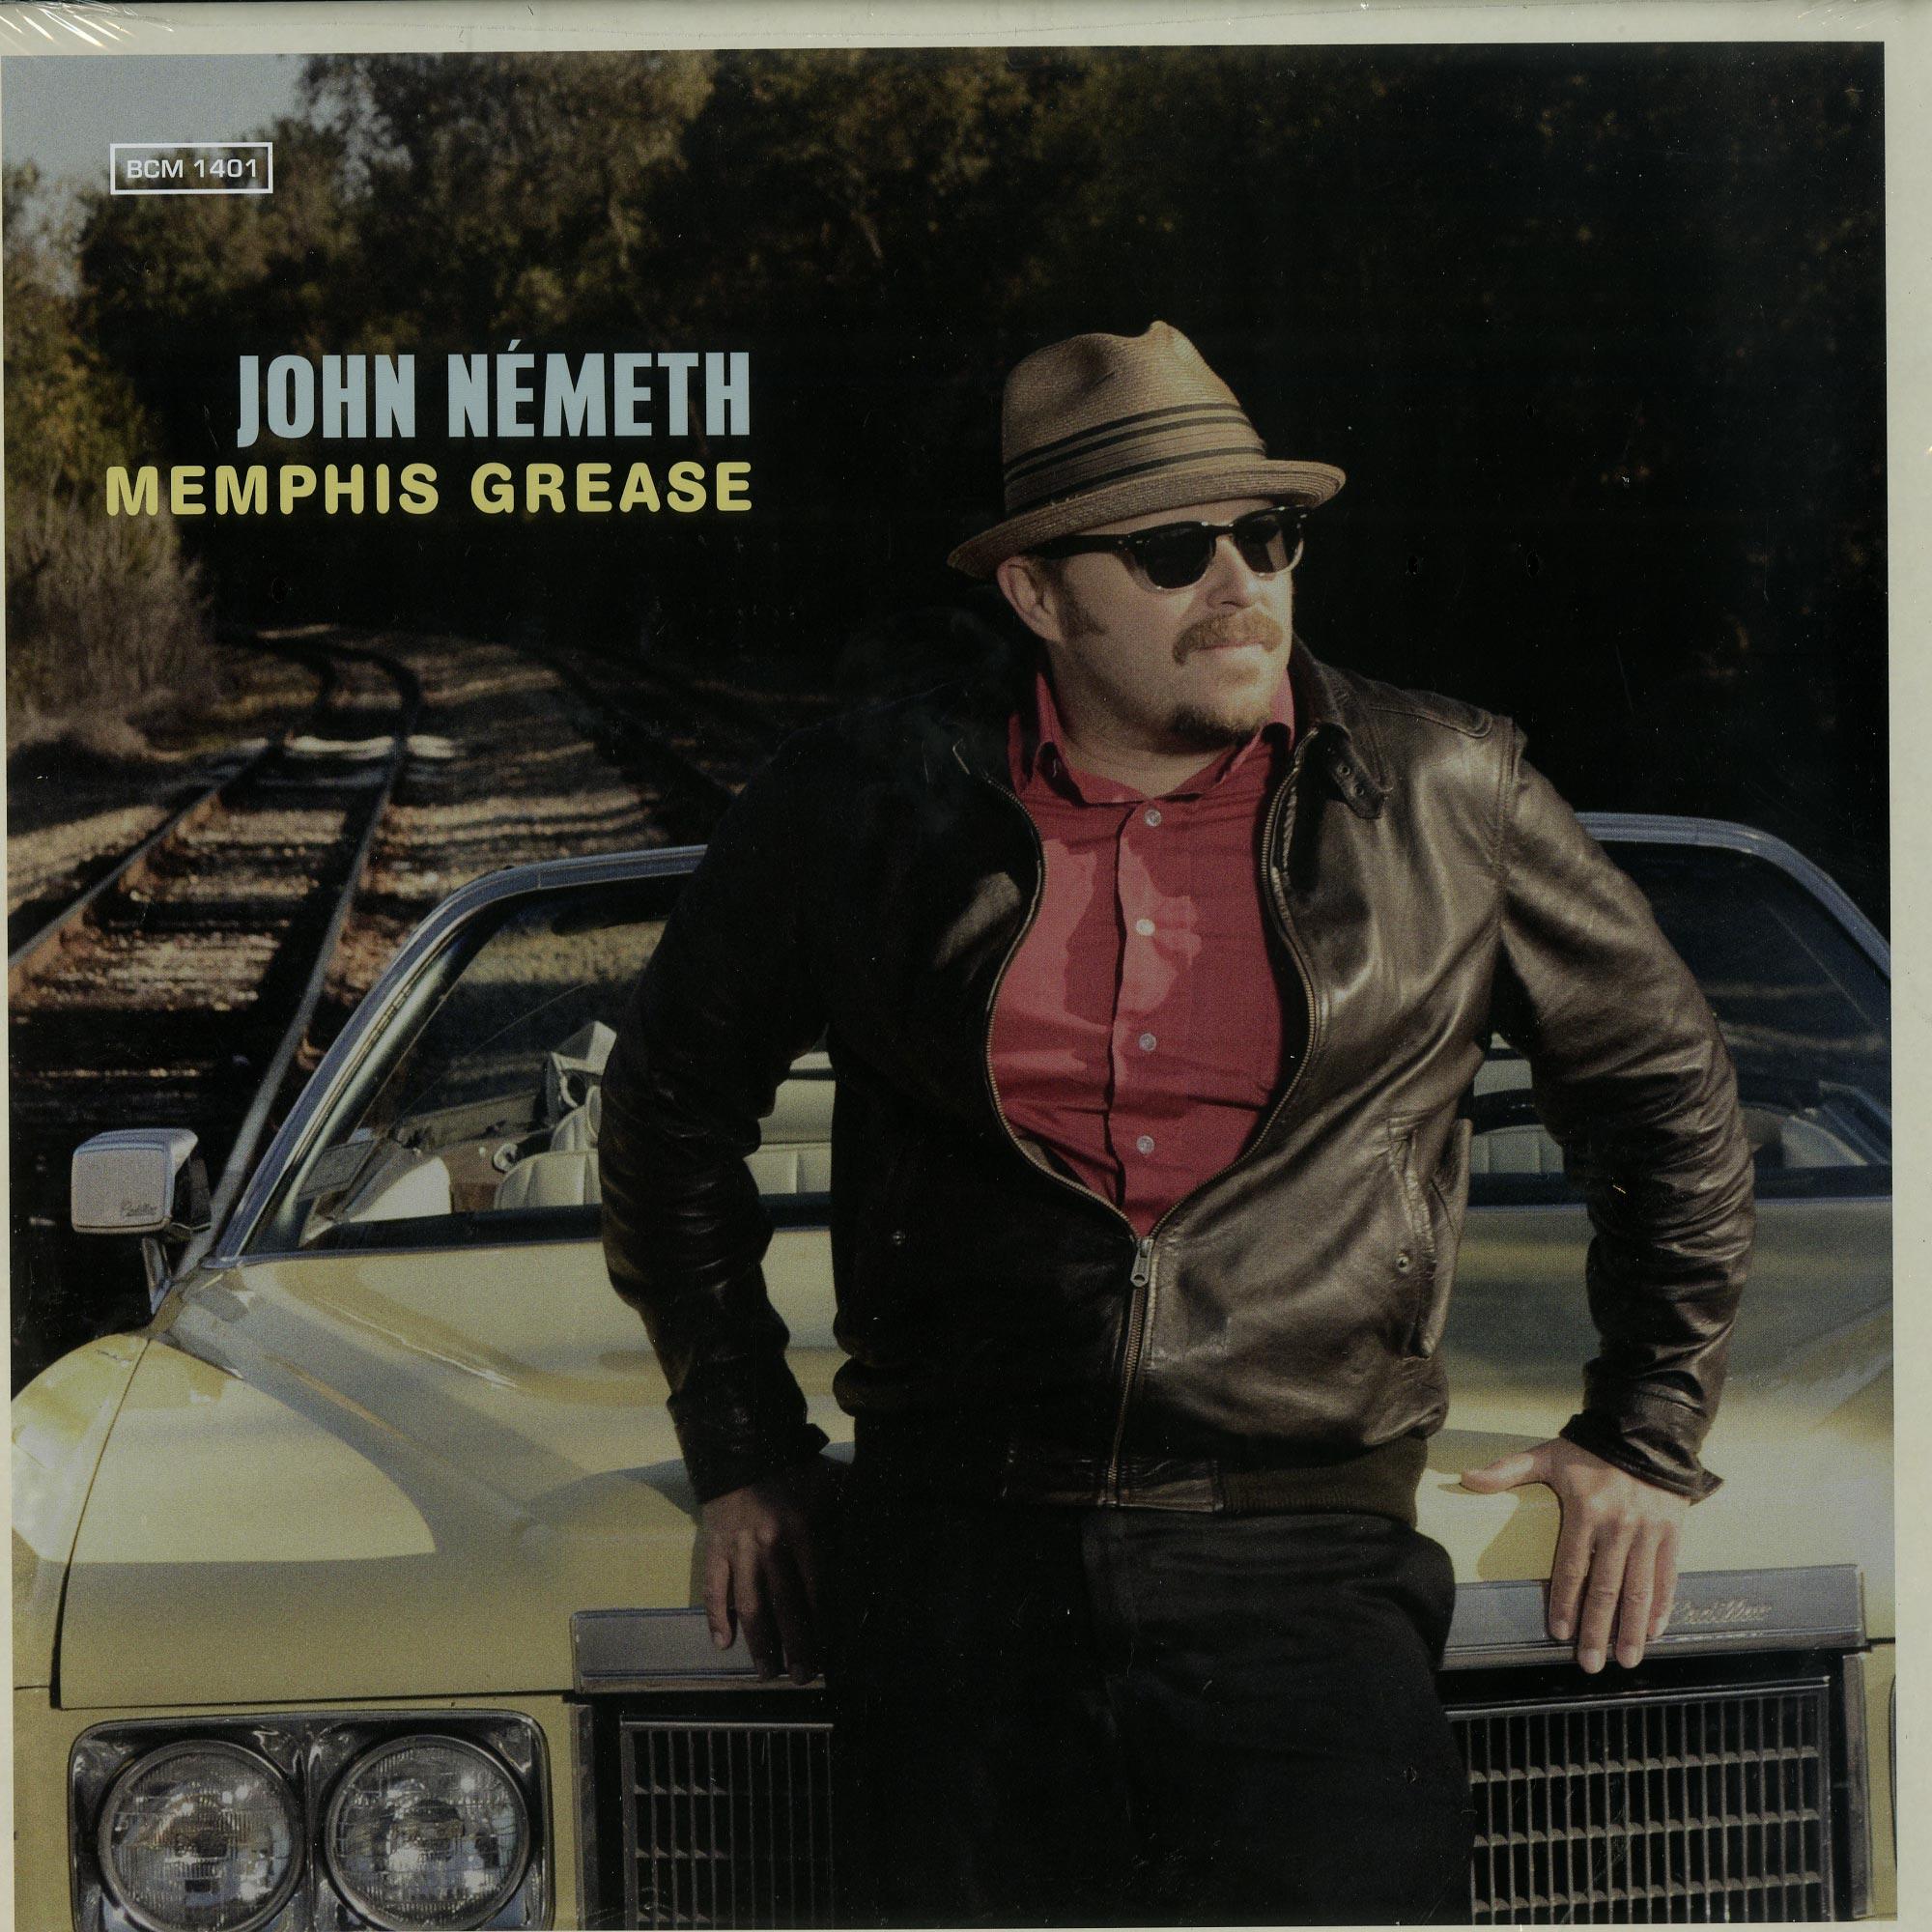 John Nemeth - MEMPHIS GREASE